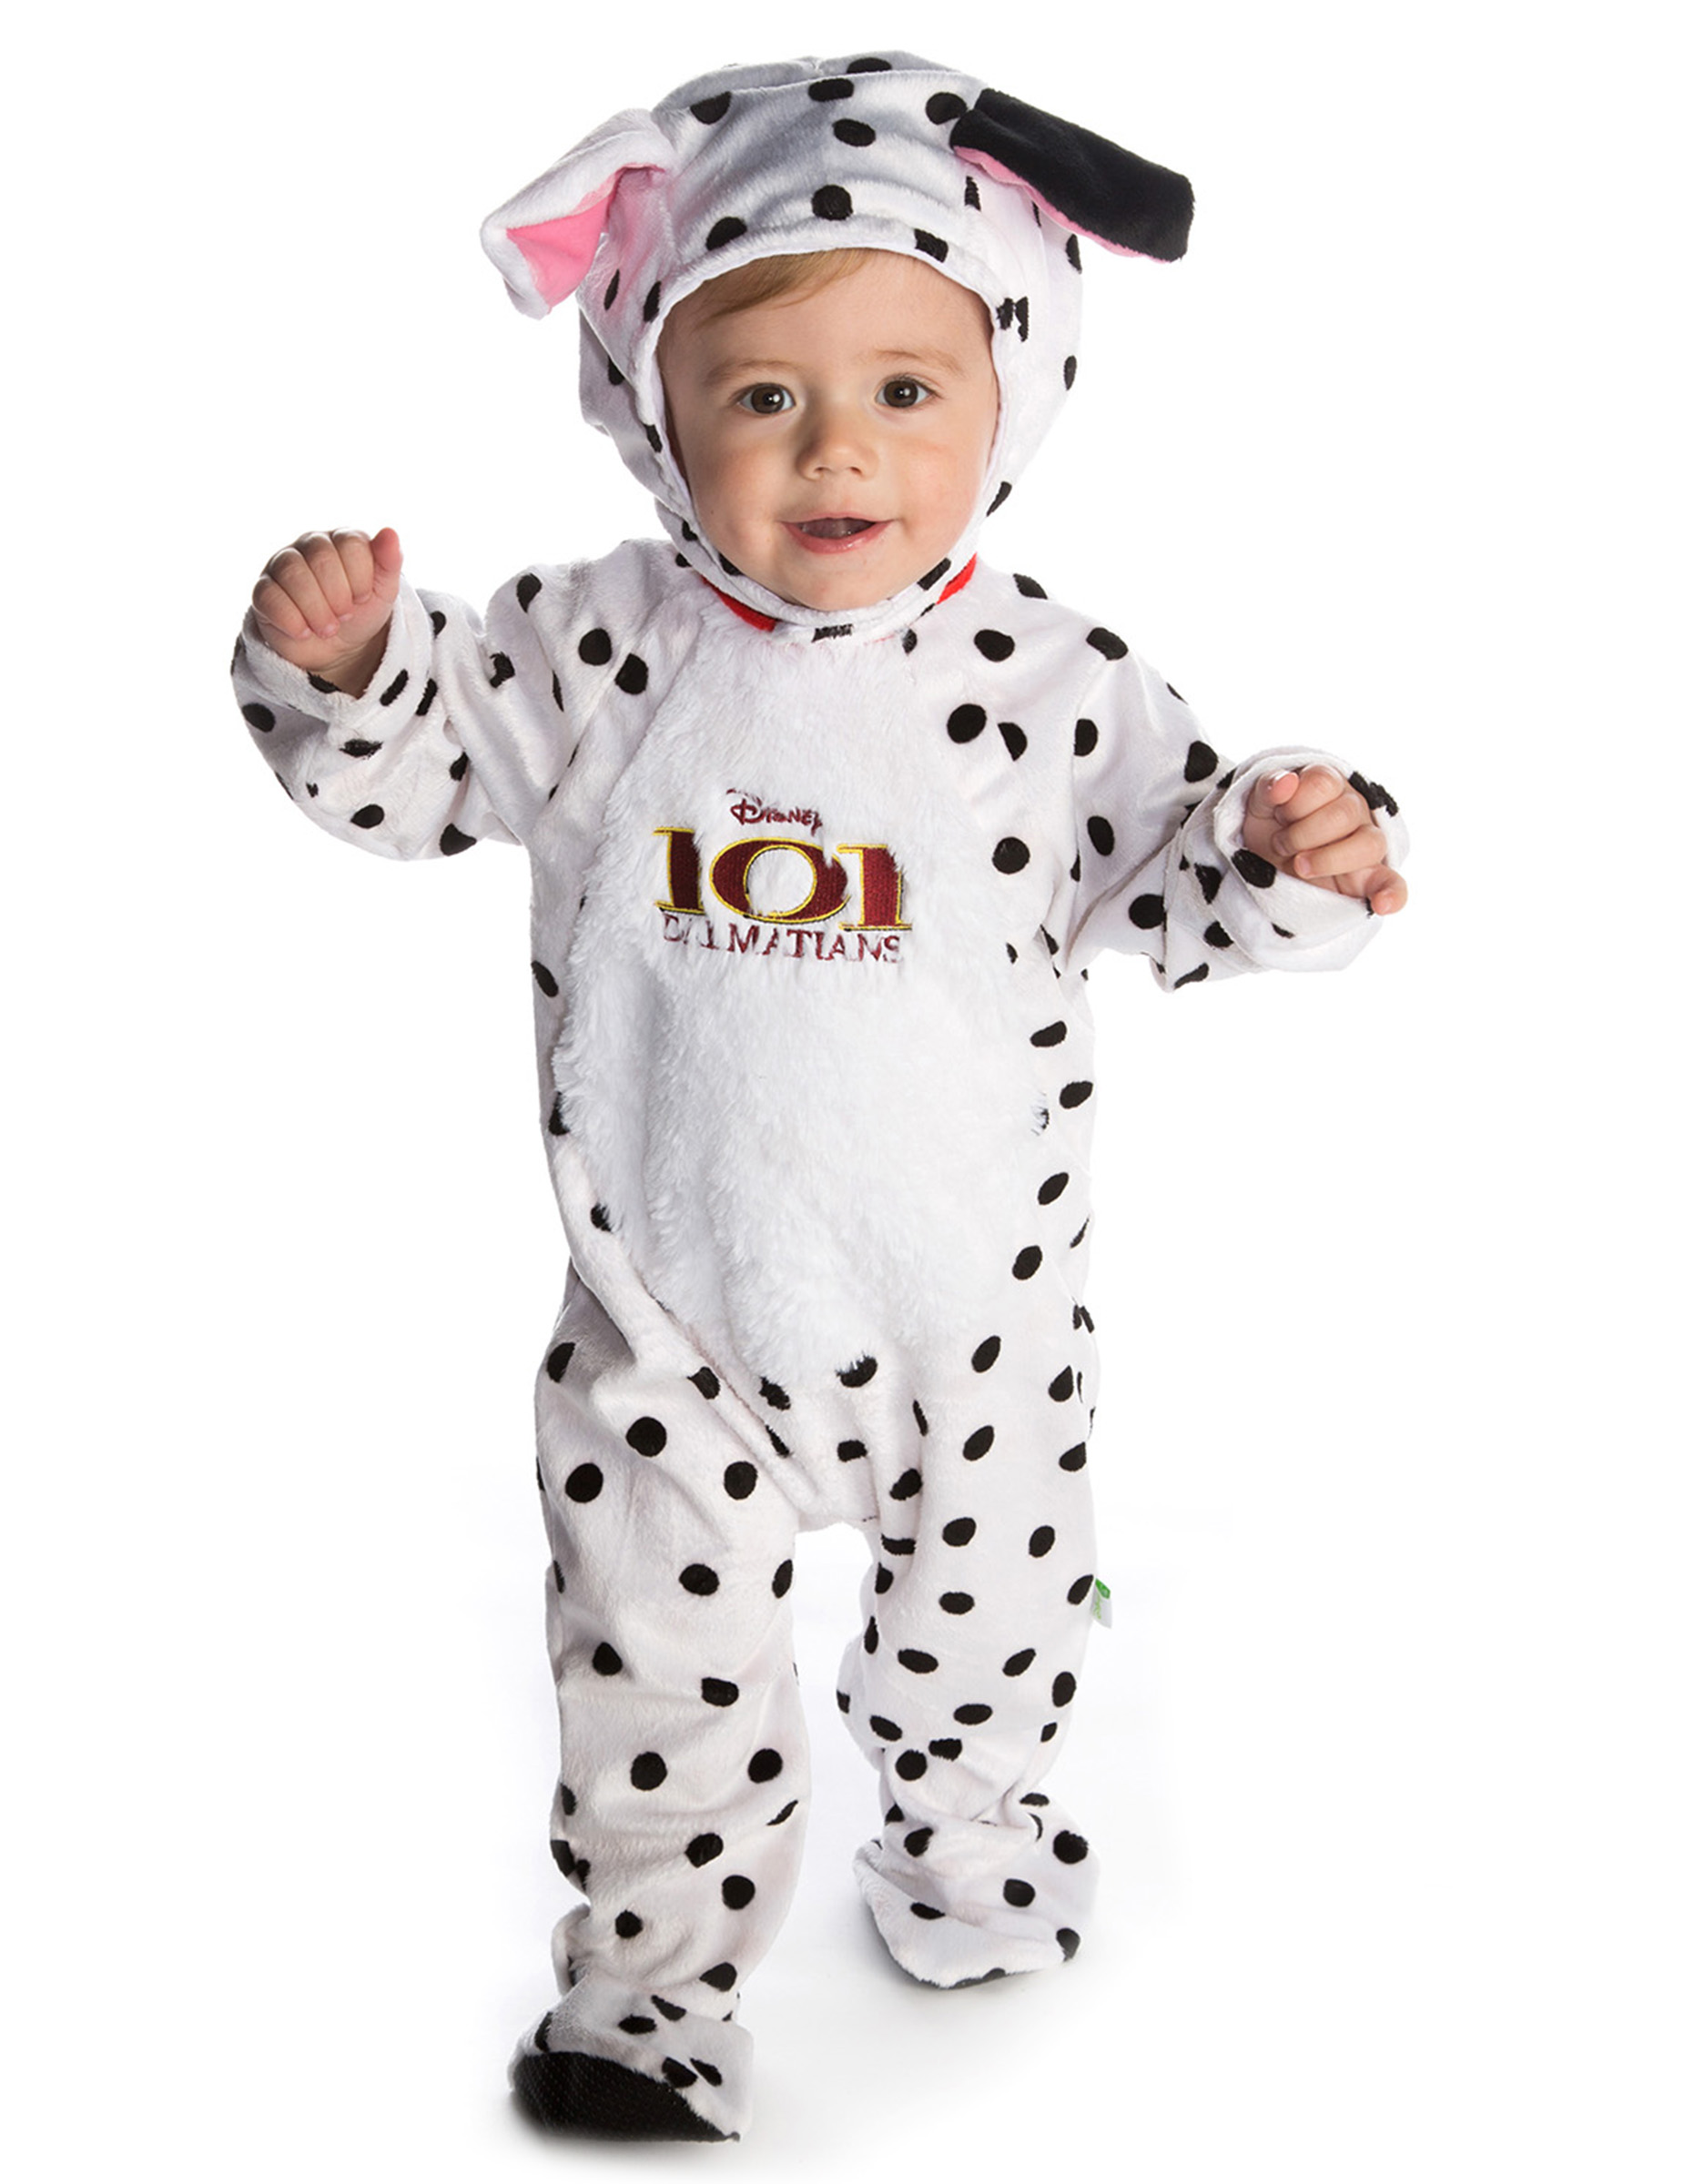 101-Dalmatiner-Kostüm für Babys, weiß-schwarz